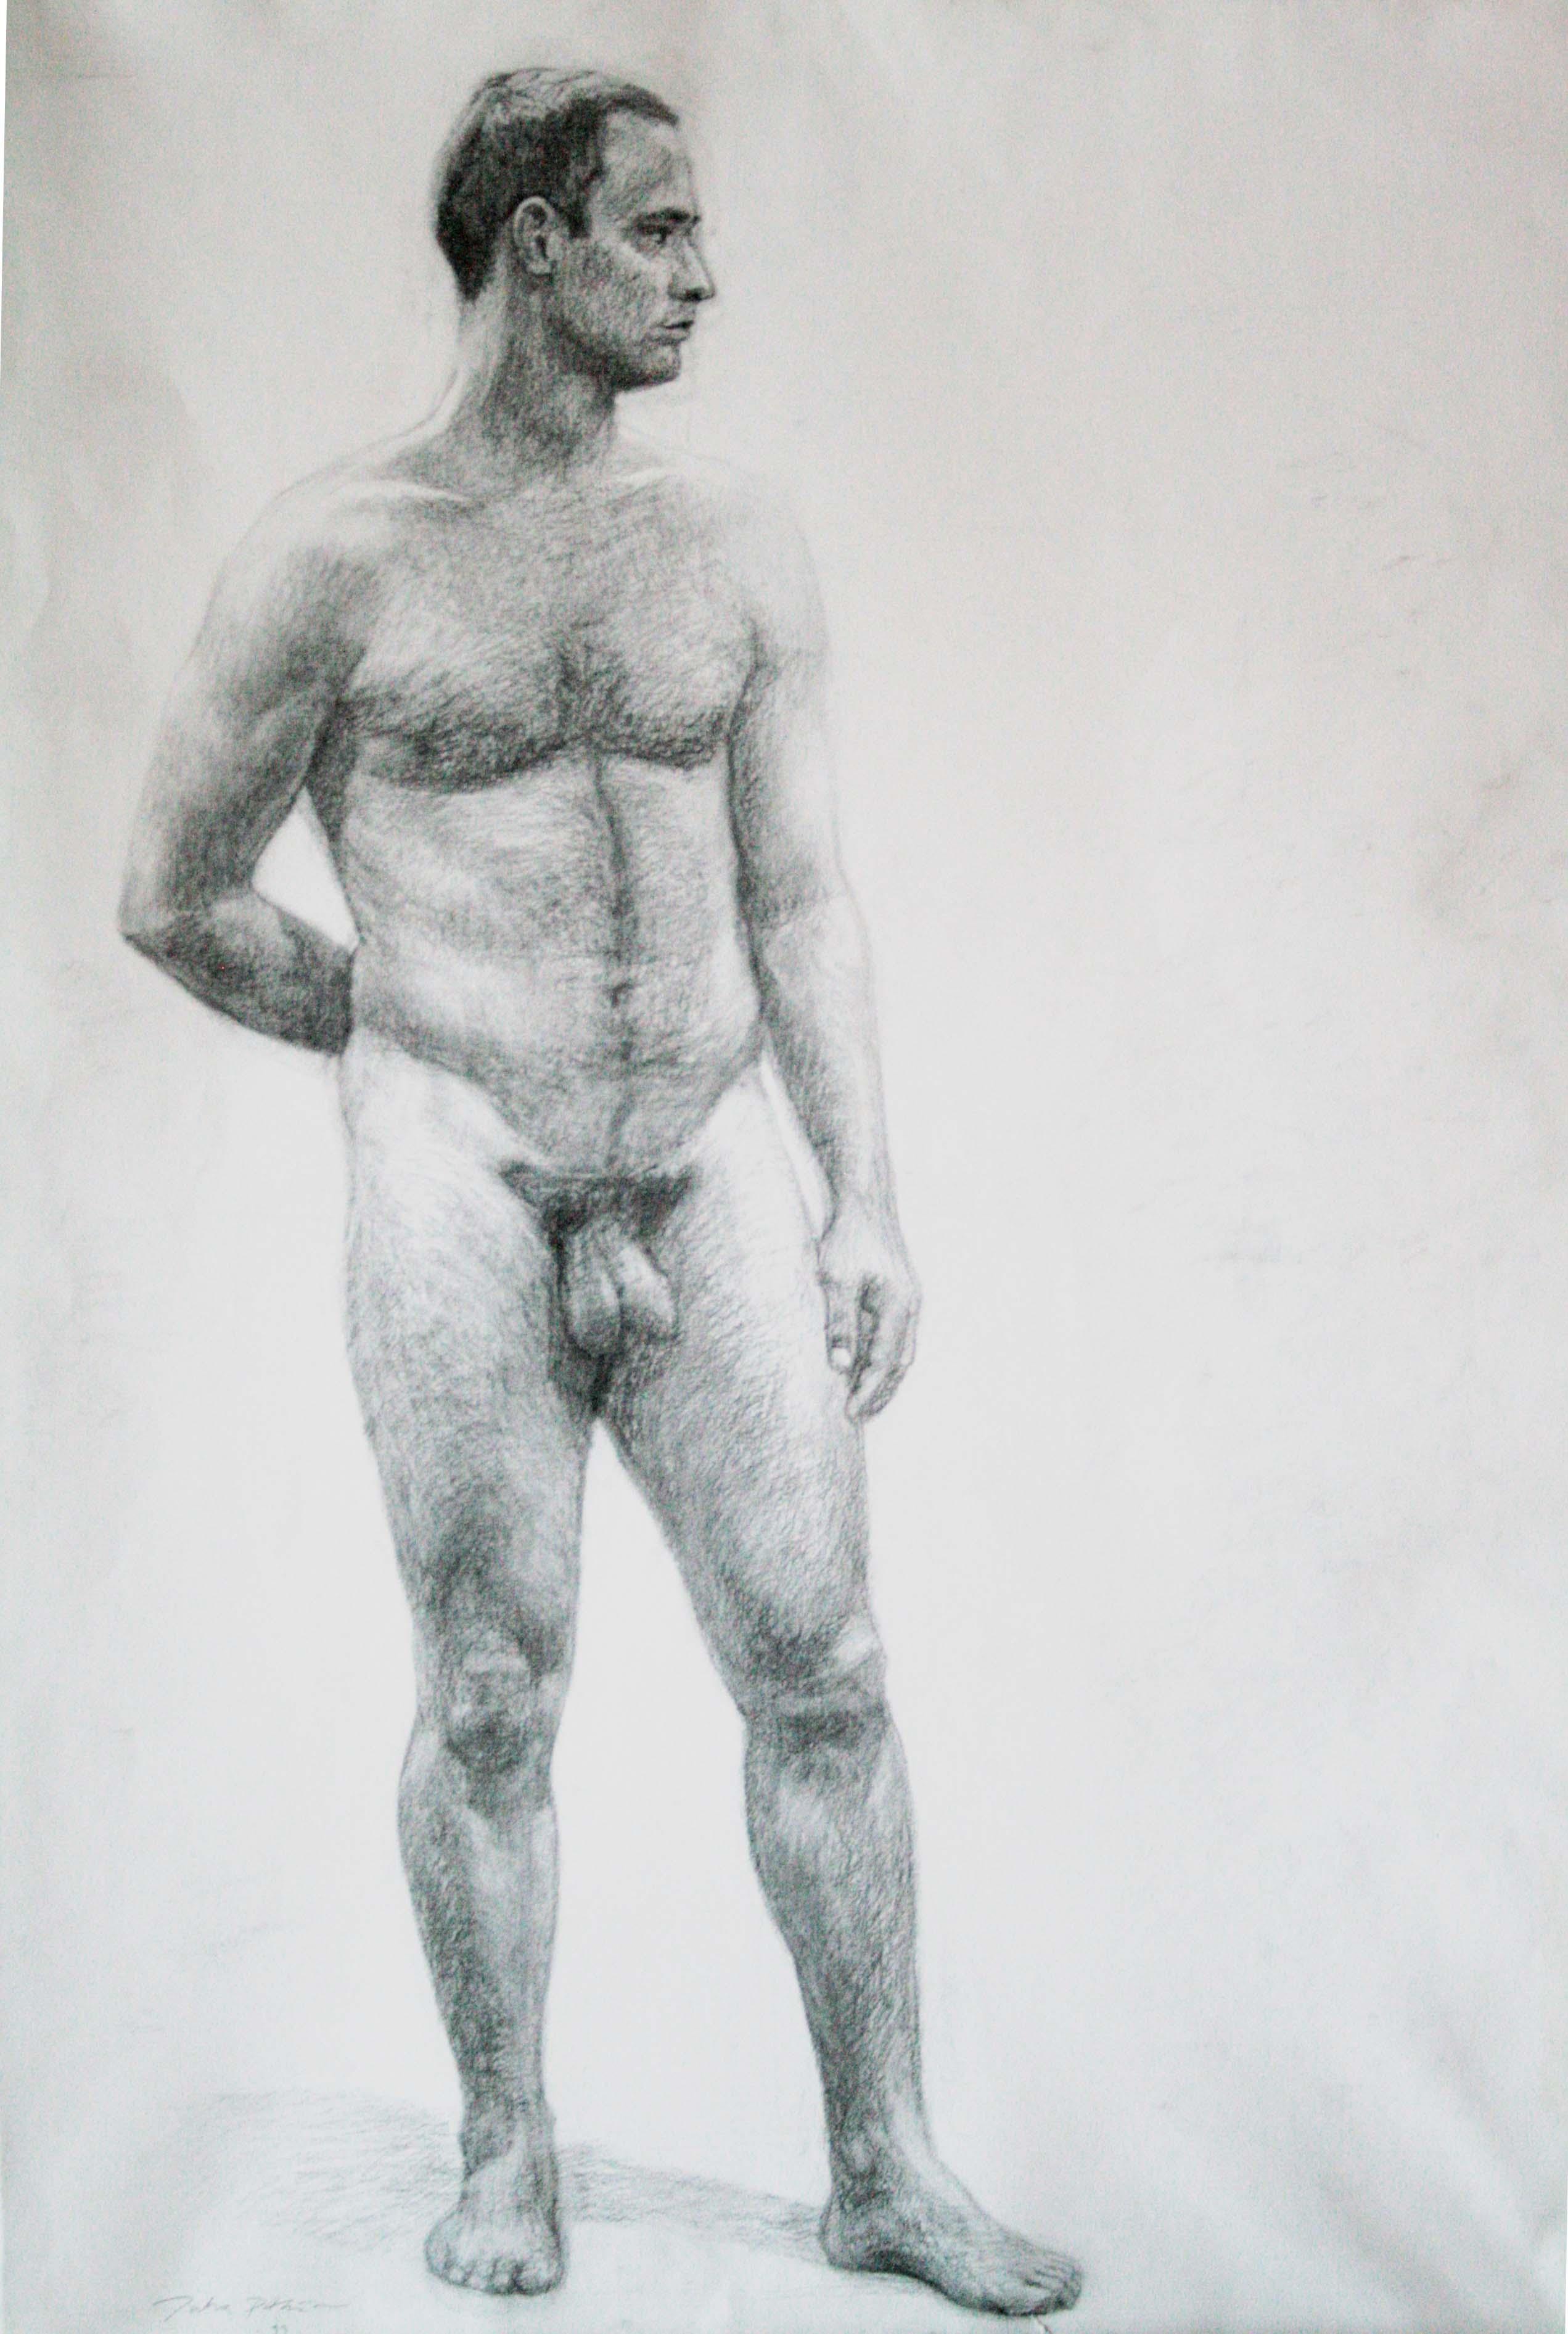 Mallipiirustus,106x76cm,litoposteri,hiili,2000